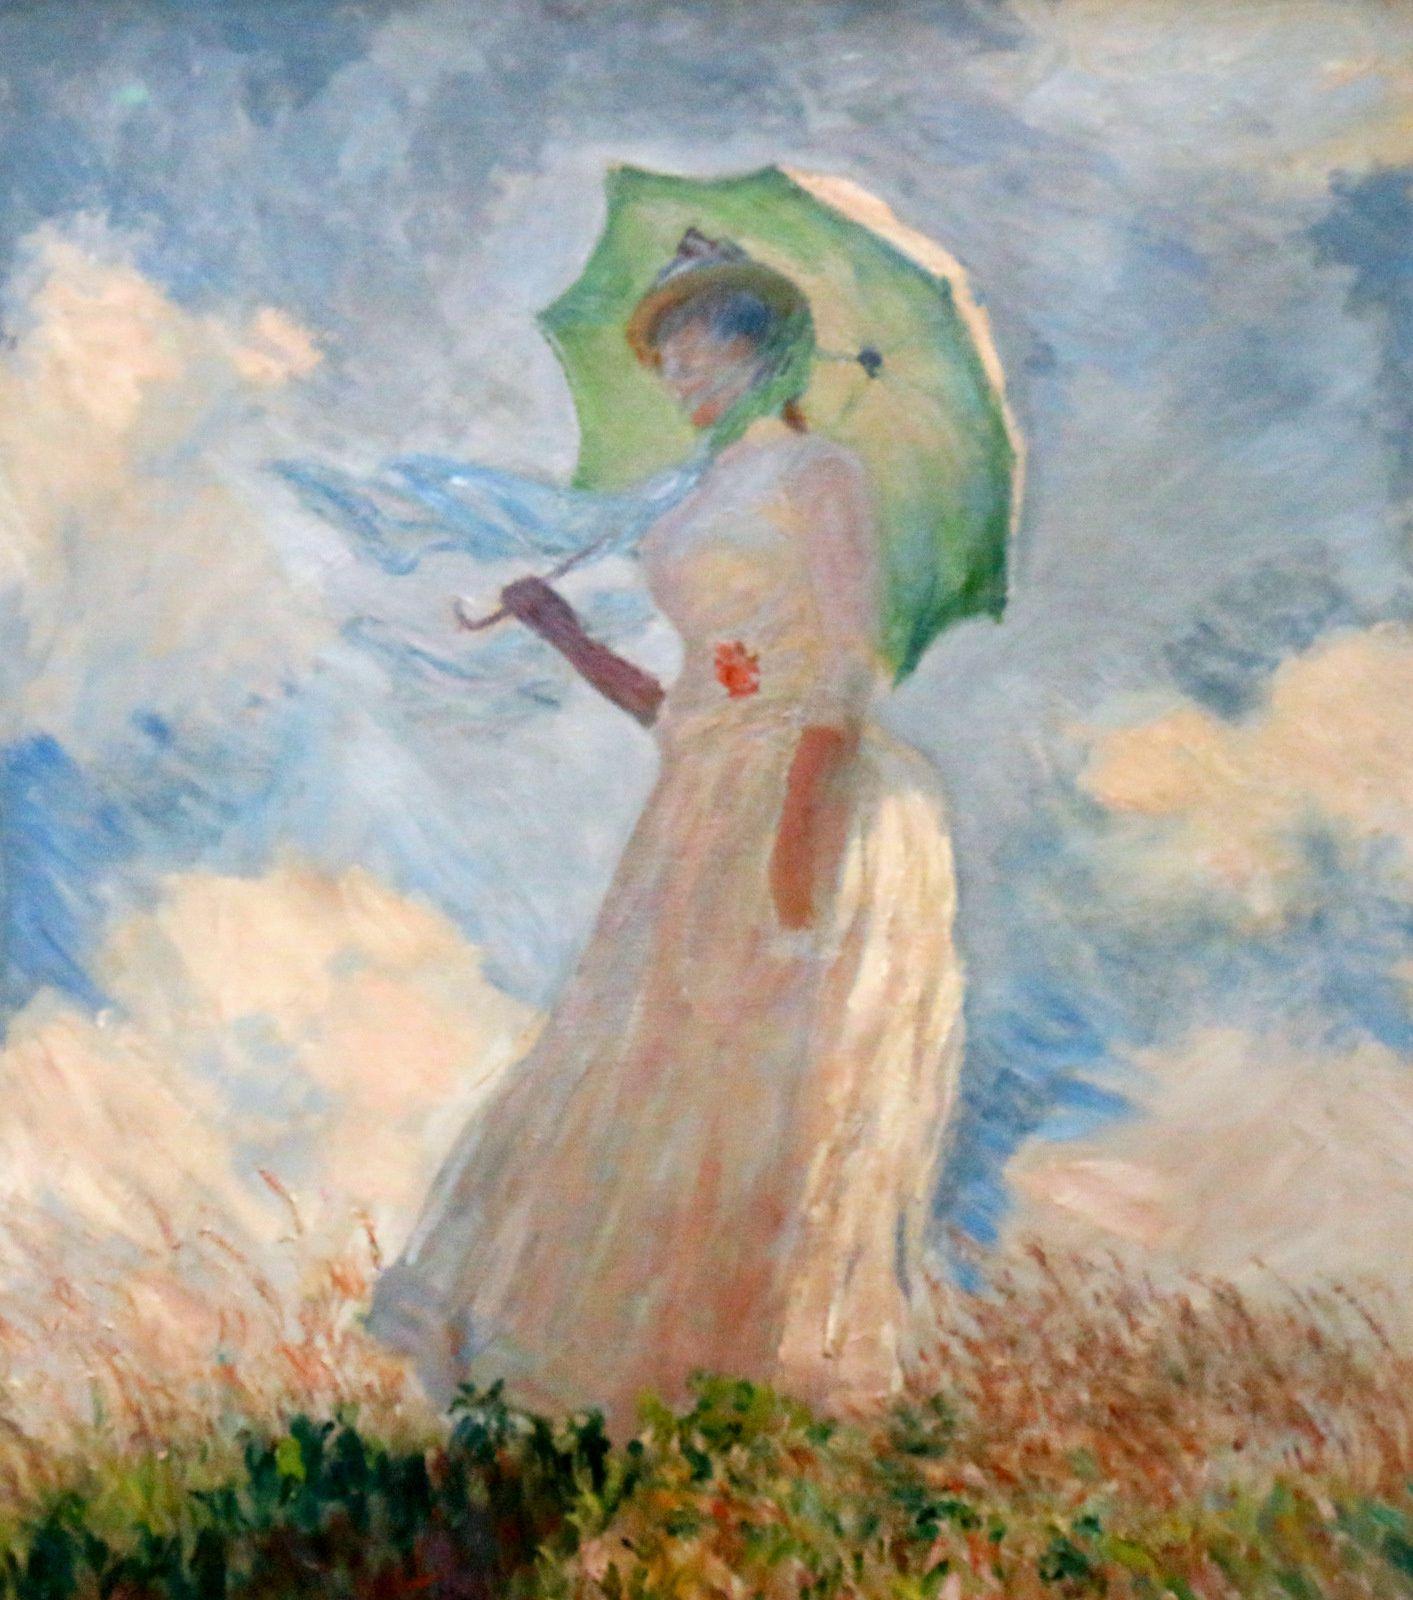 Femme à l'ombrelle, huile sur toile de Claude Monet